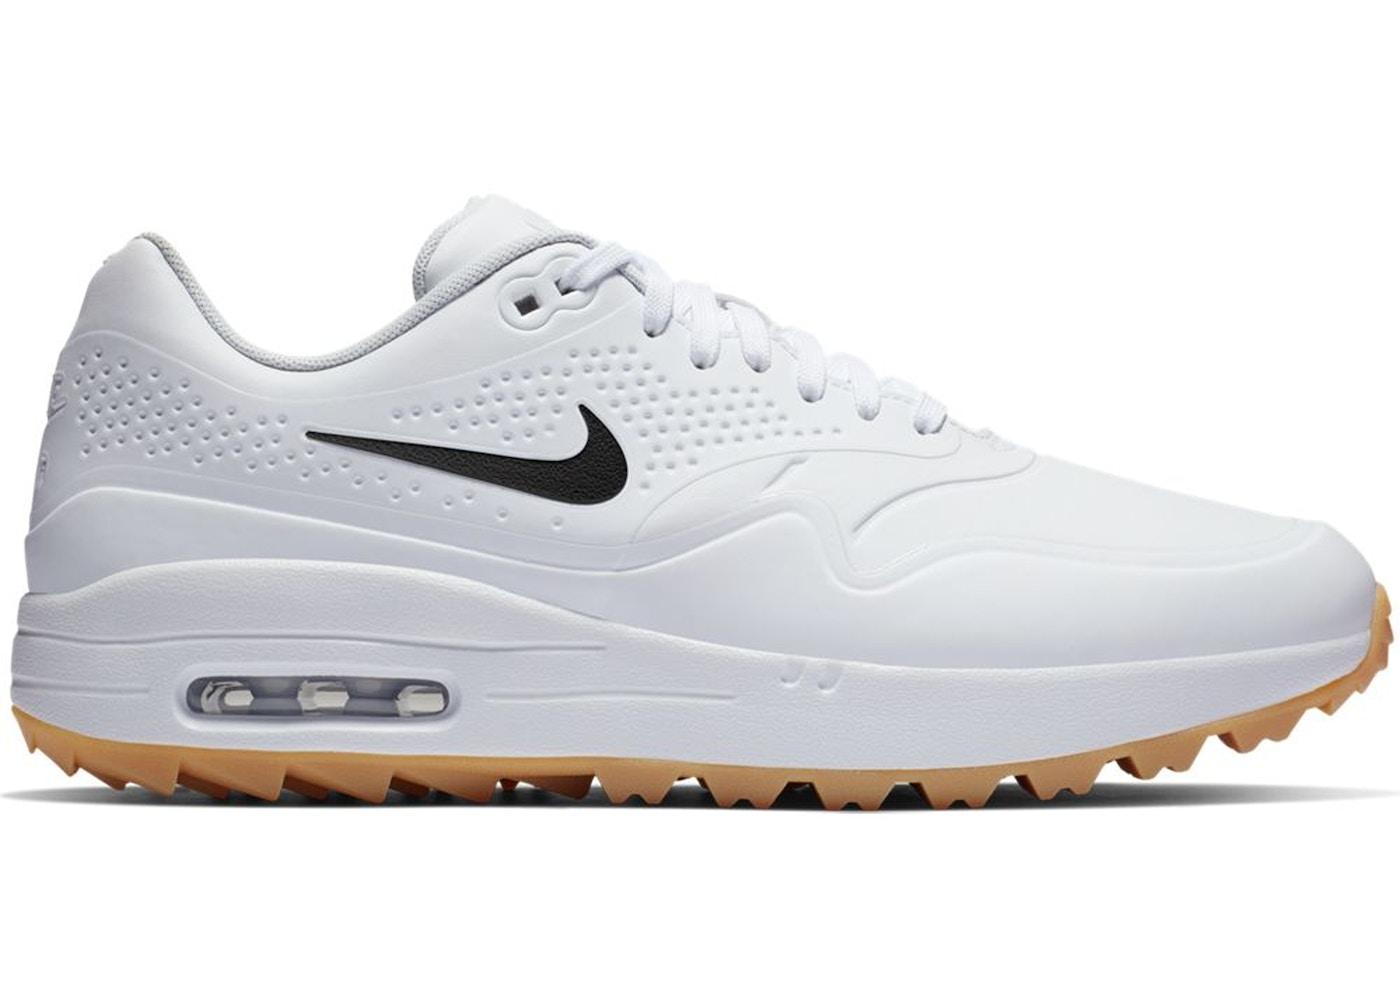 Nike Air Max 1 Golf White Gum Black Swoosh Aq0863 101b